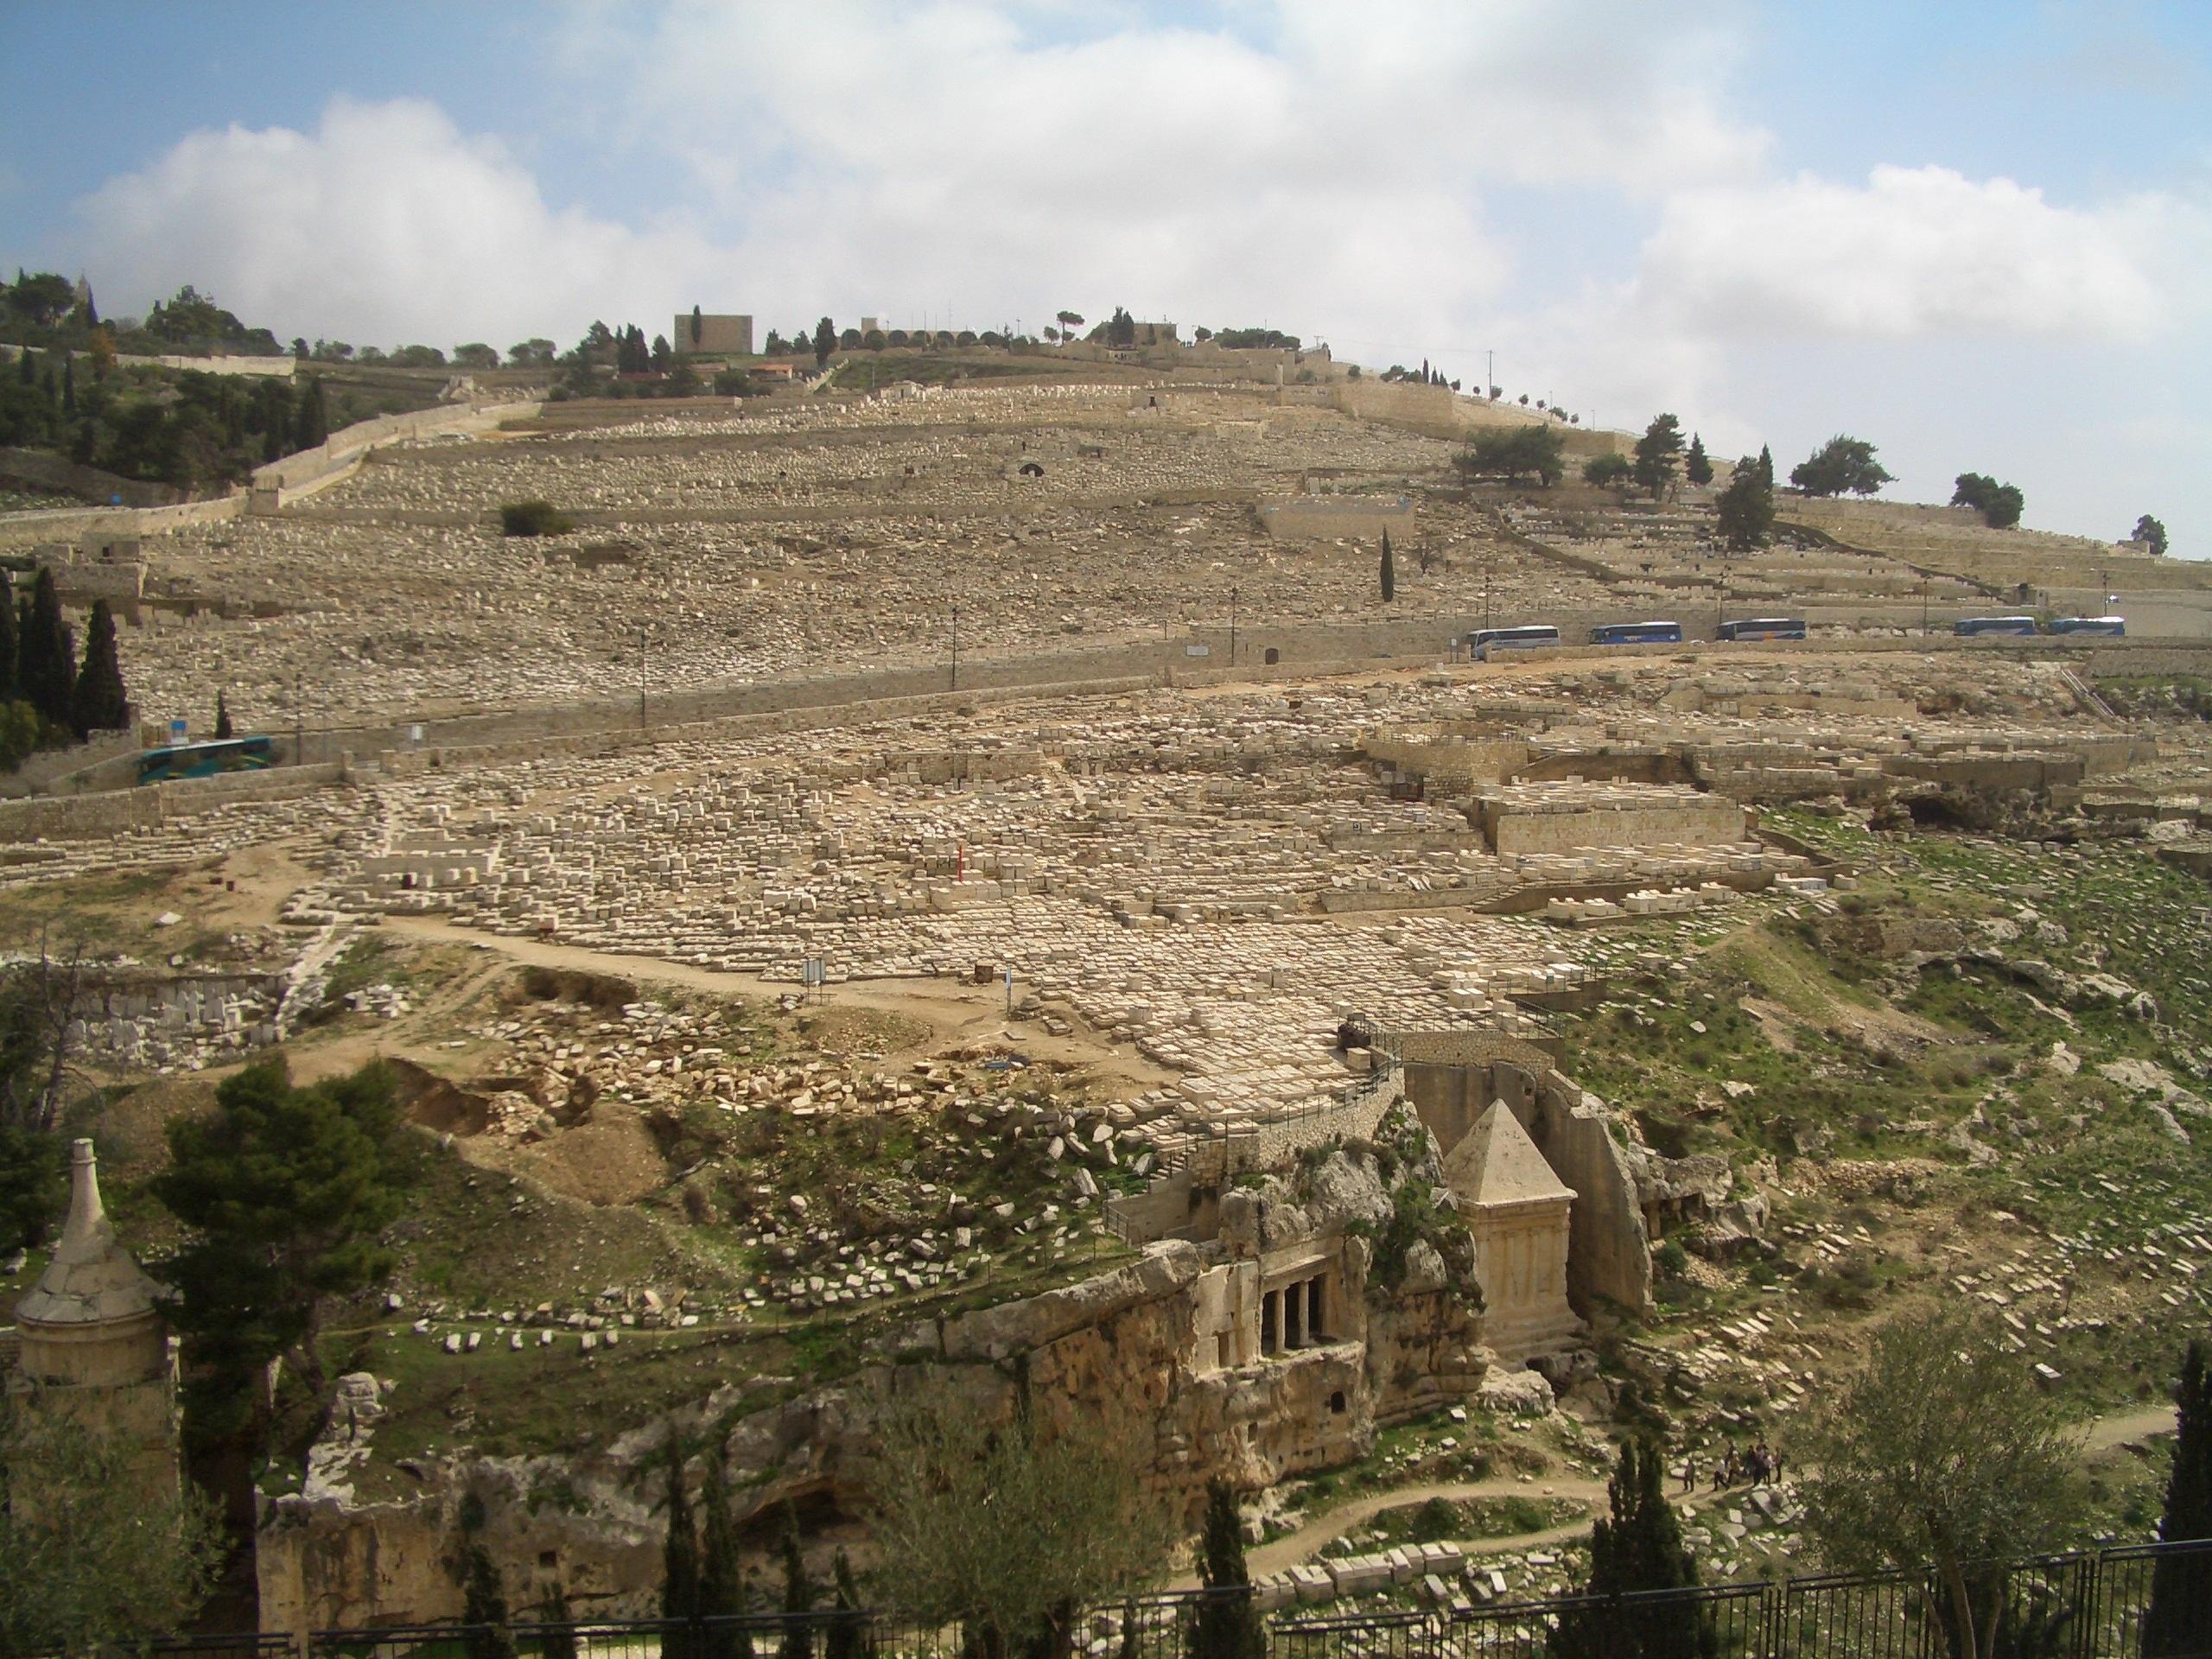 上图:从耶路撒冷城向东看橄榄山犹太公墓,山坡上有超过15万个坟墓。下面的汲沦溪中也有古代的汲沦谷墓地(Kidron Valley necropolis)。汲沦溪历来就是倾倒不洁之物的地方(代下十五16;二十九16;三十14),现在这里两边都有犹太人和穆斯林的墓地。